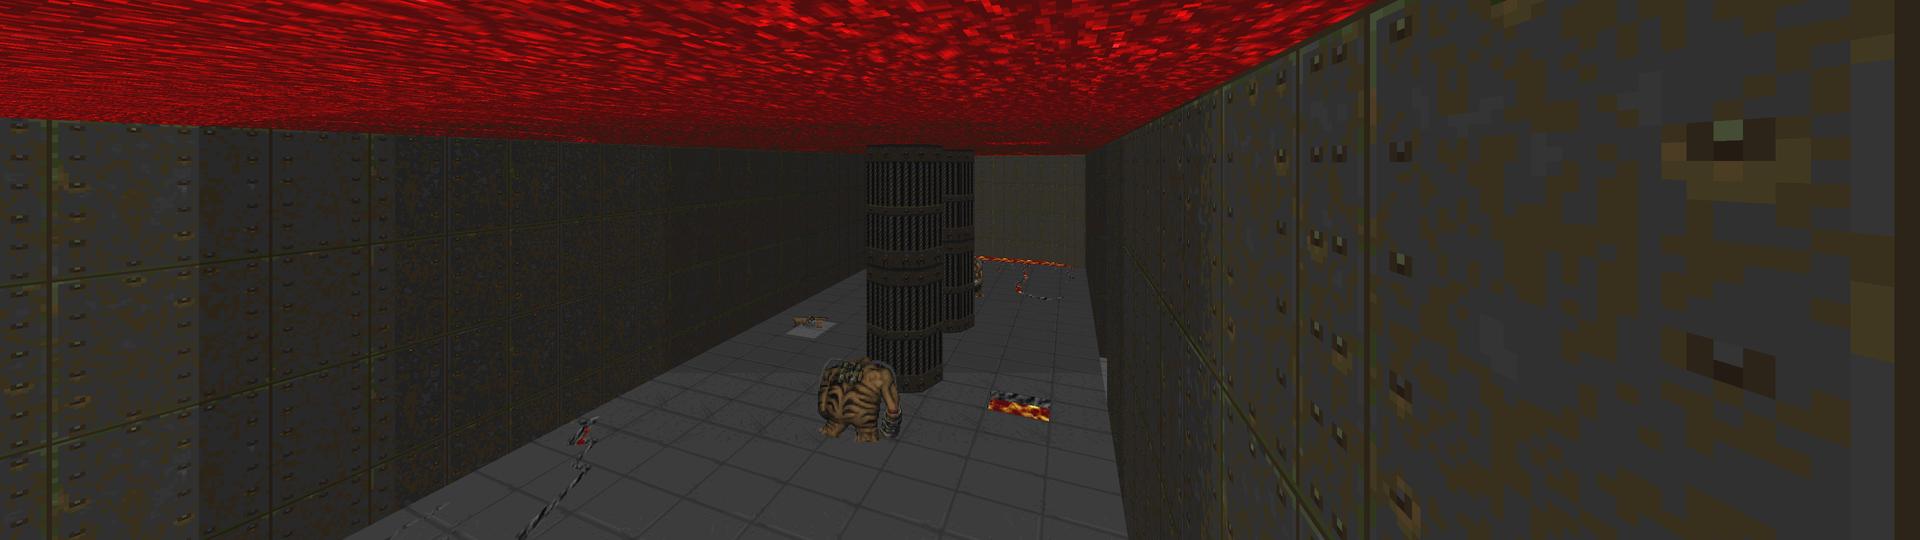 Screenshot_Doom_20210303_192537.png.9e27c7a72735cca71bad1bfd4aff593b.png